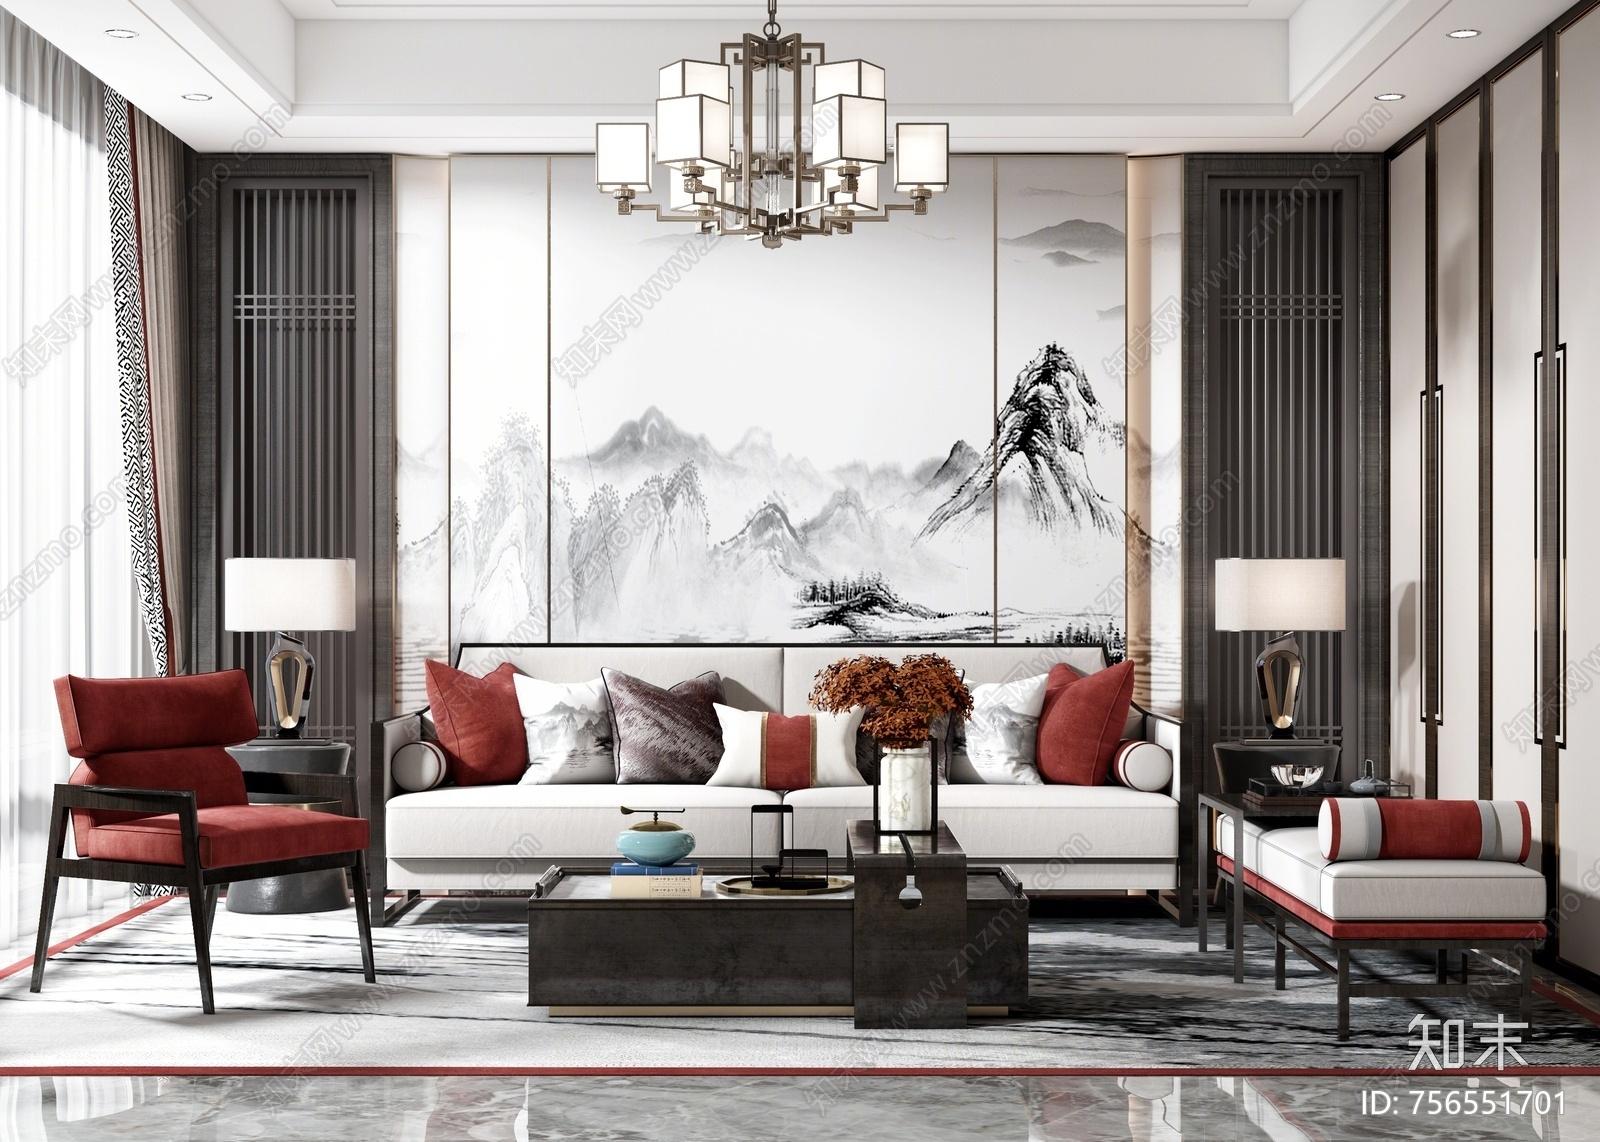 新中式客厅沙发组合3D模型下载【ID:756551701】